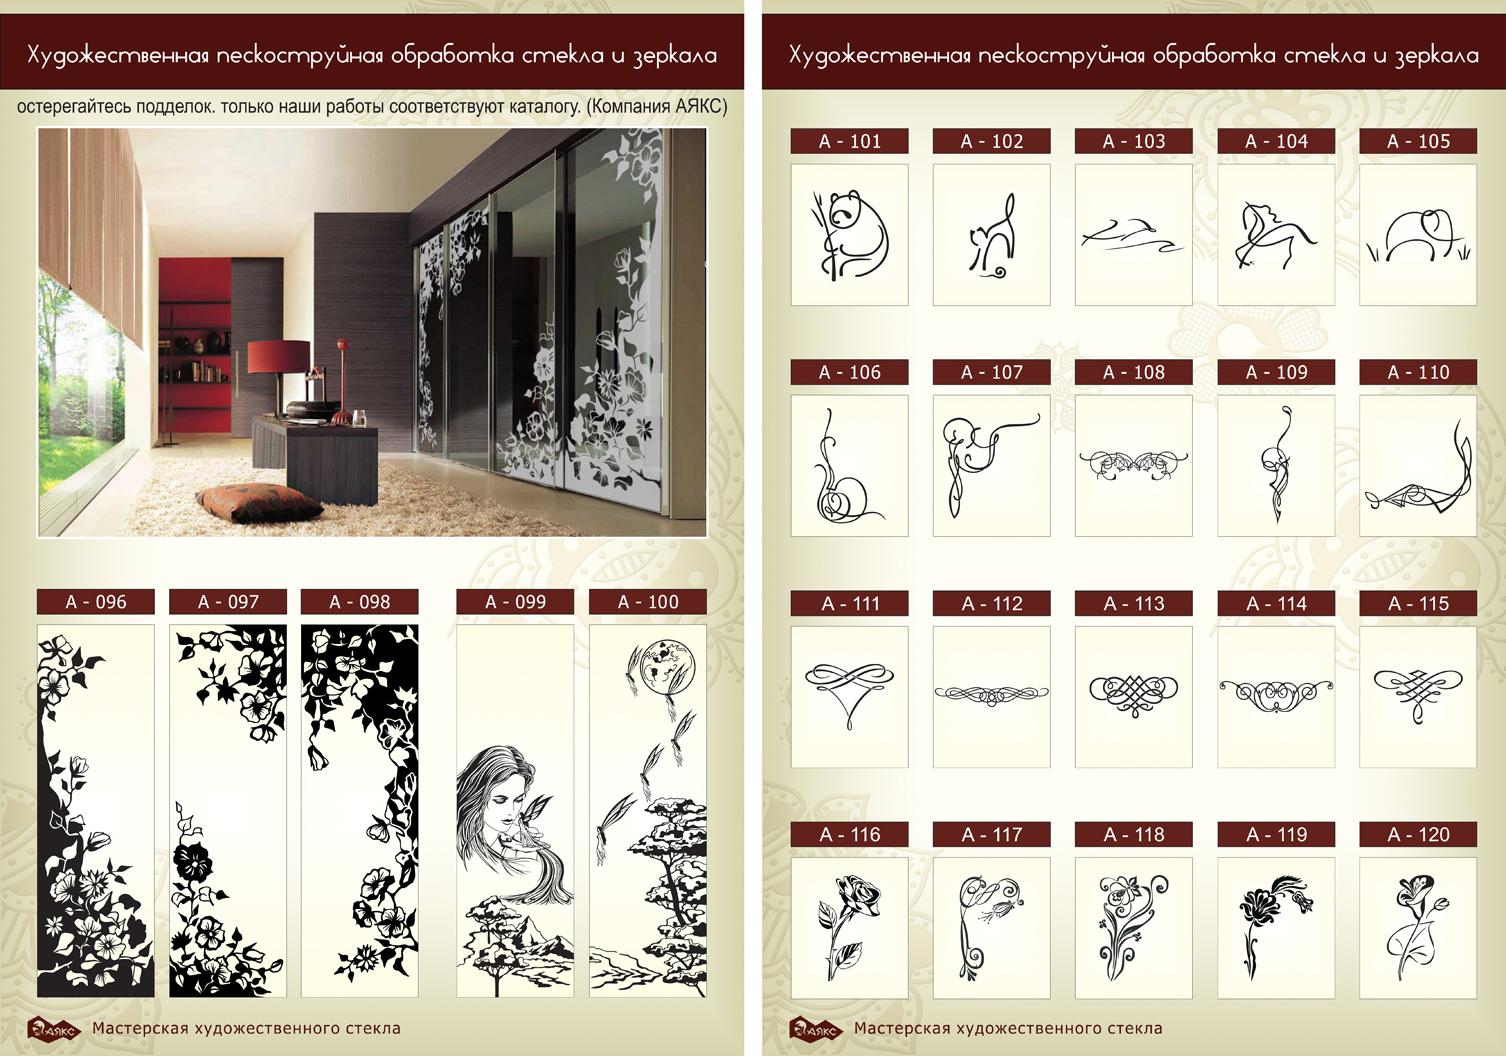 Пескоструйные рисунки на стекле мебельмир - корпусная мебель.